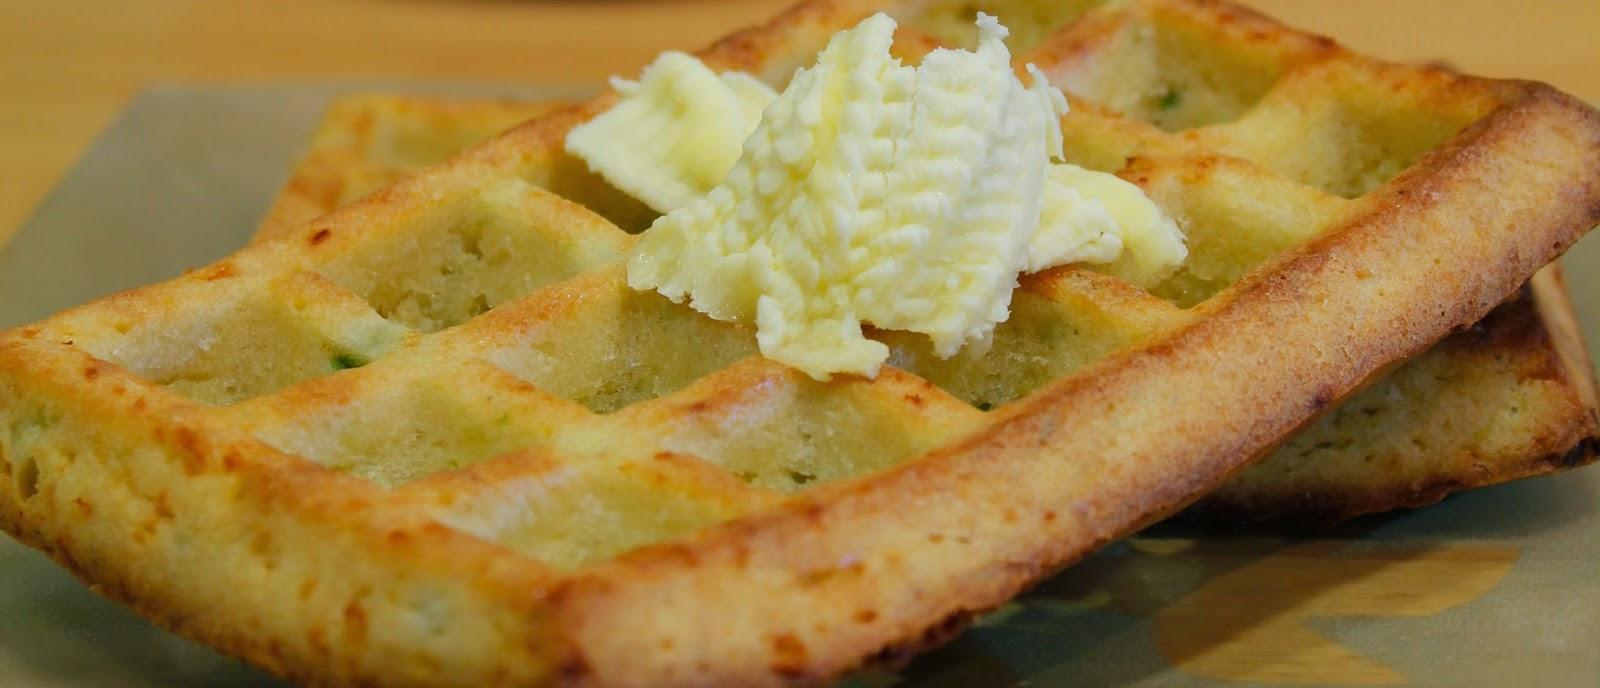 Gofres salados de queso y ajetes